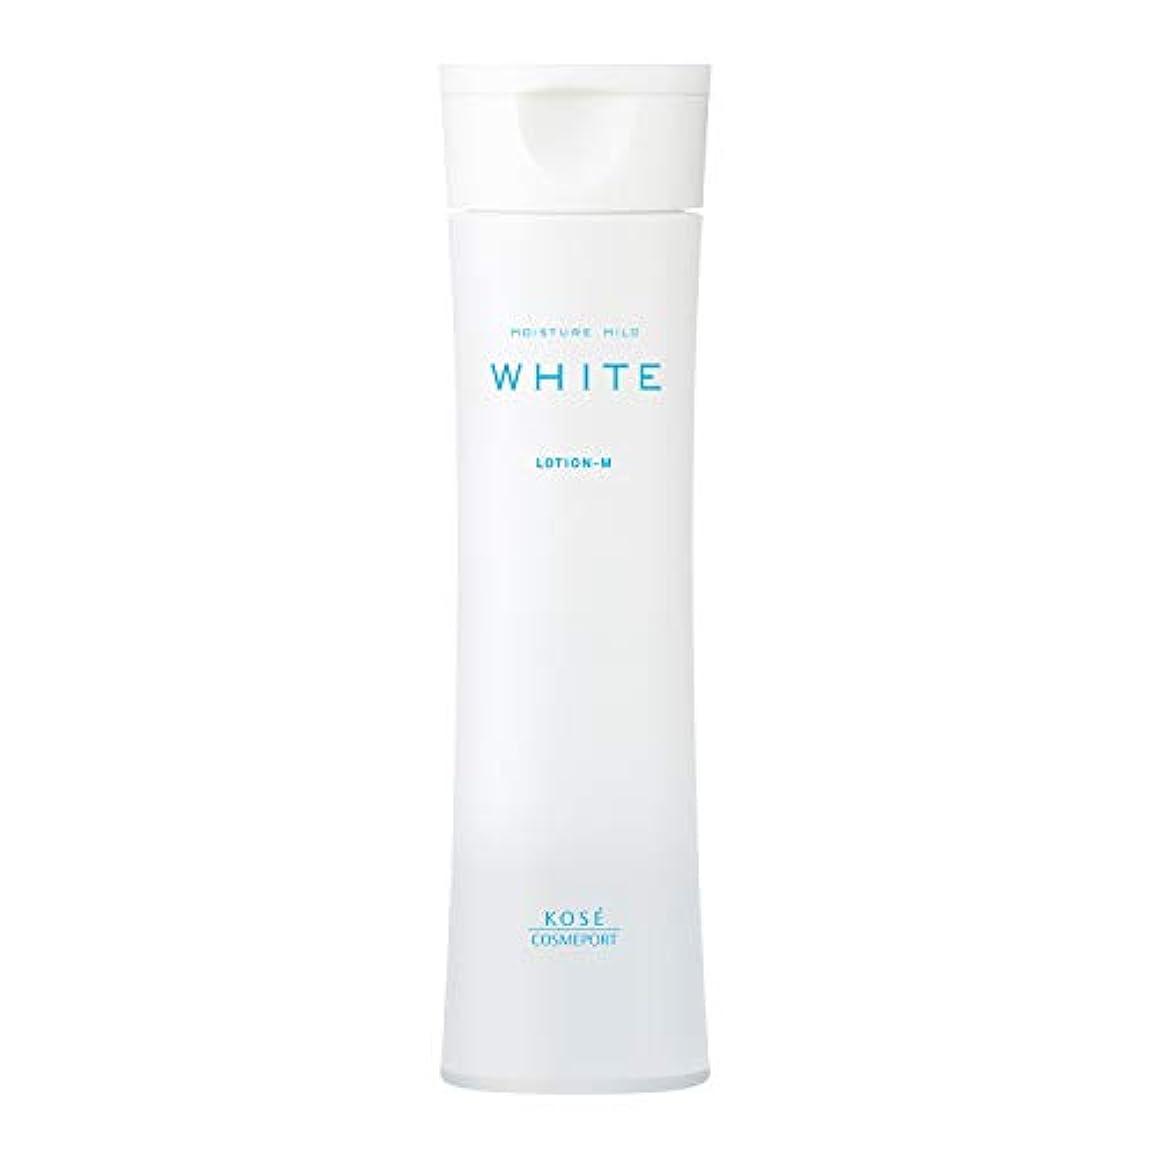 管理求める確保するモイスチュアマイルド ホワイト ローションM (しっとり 化粧水) 180mL